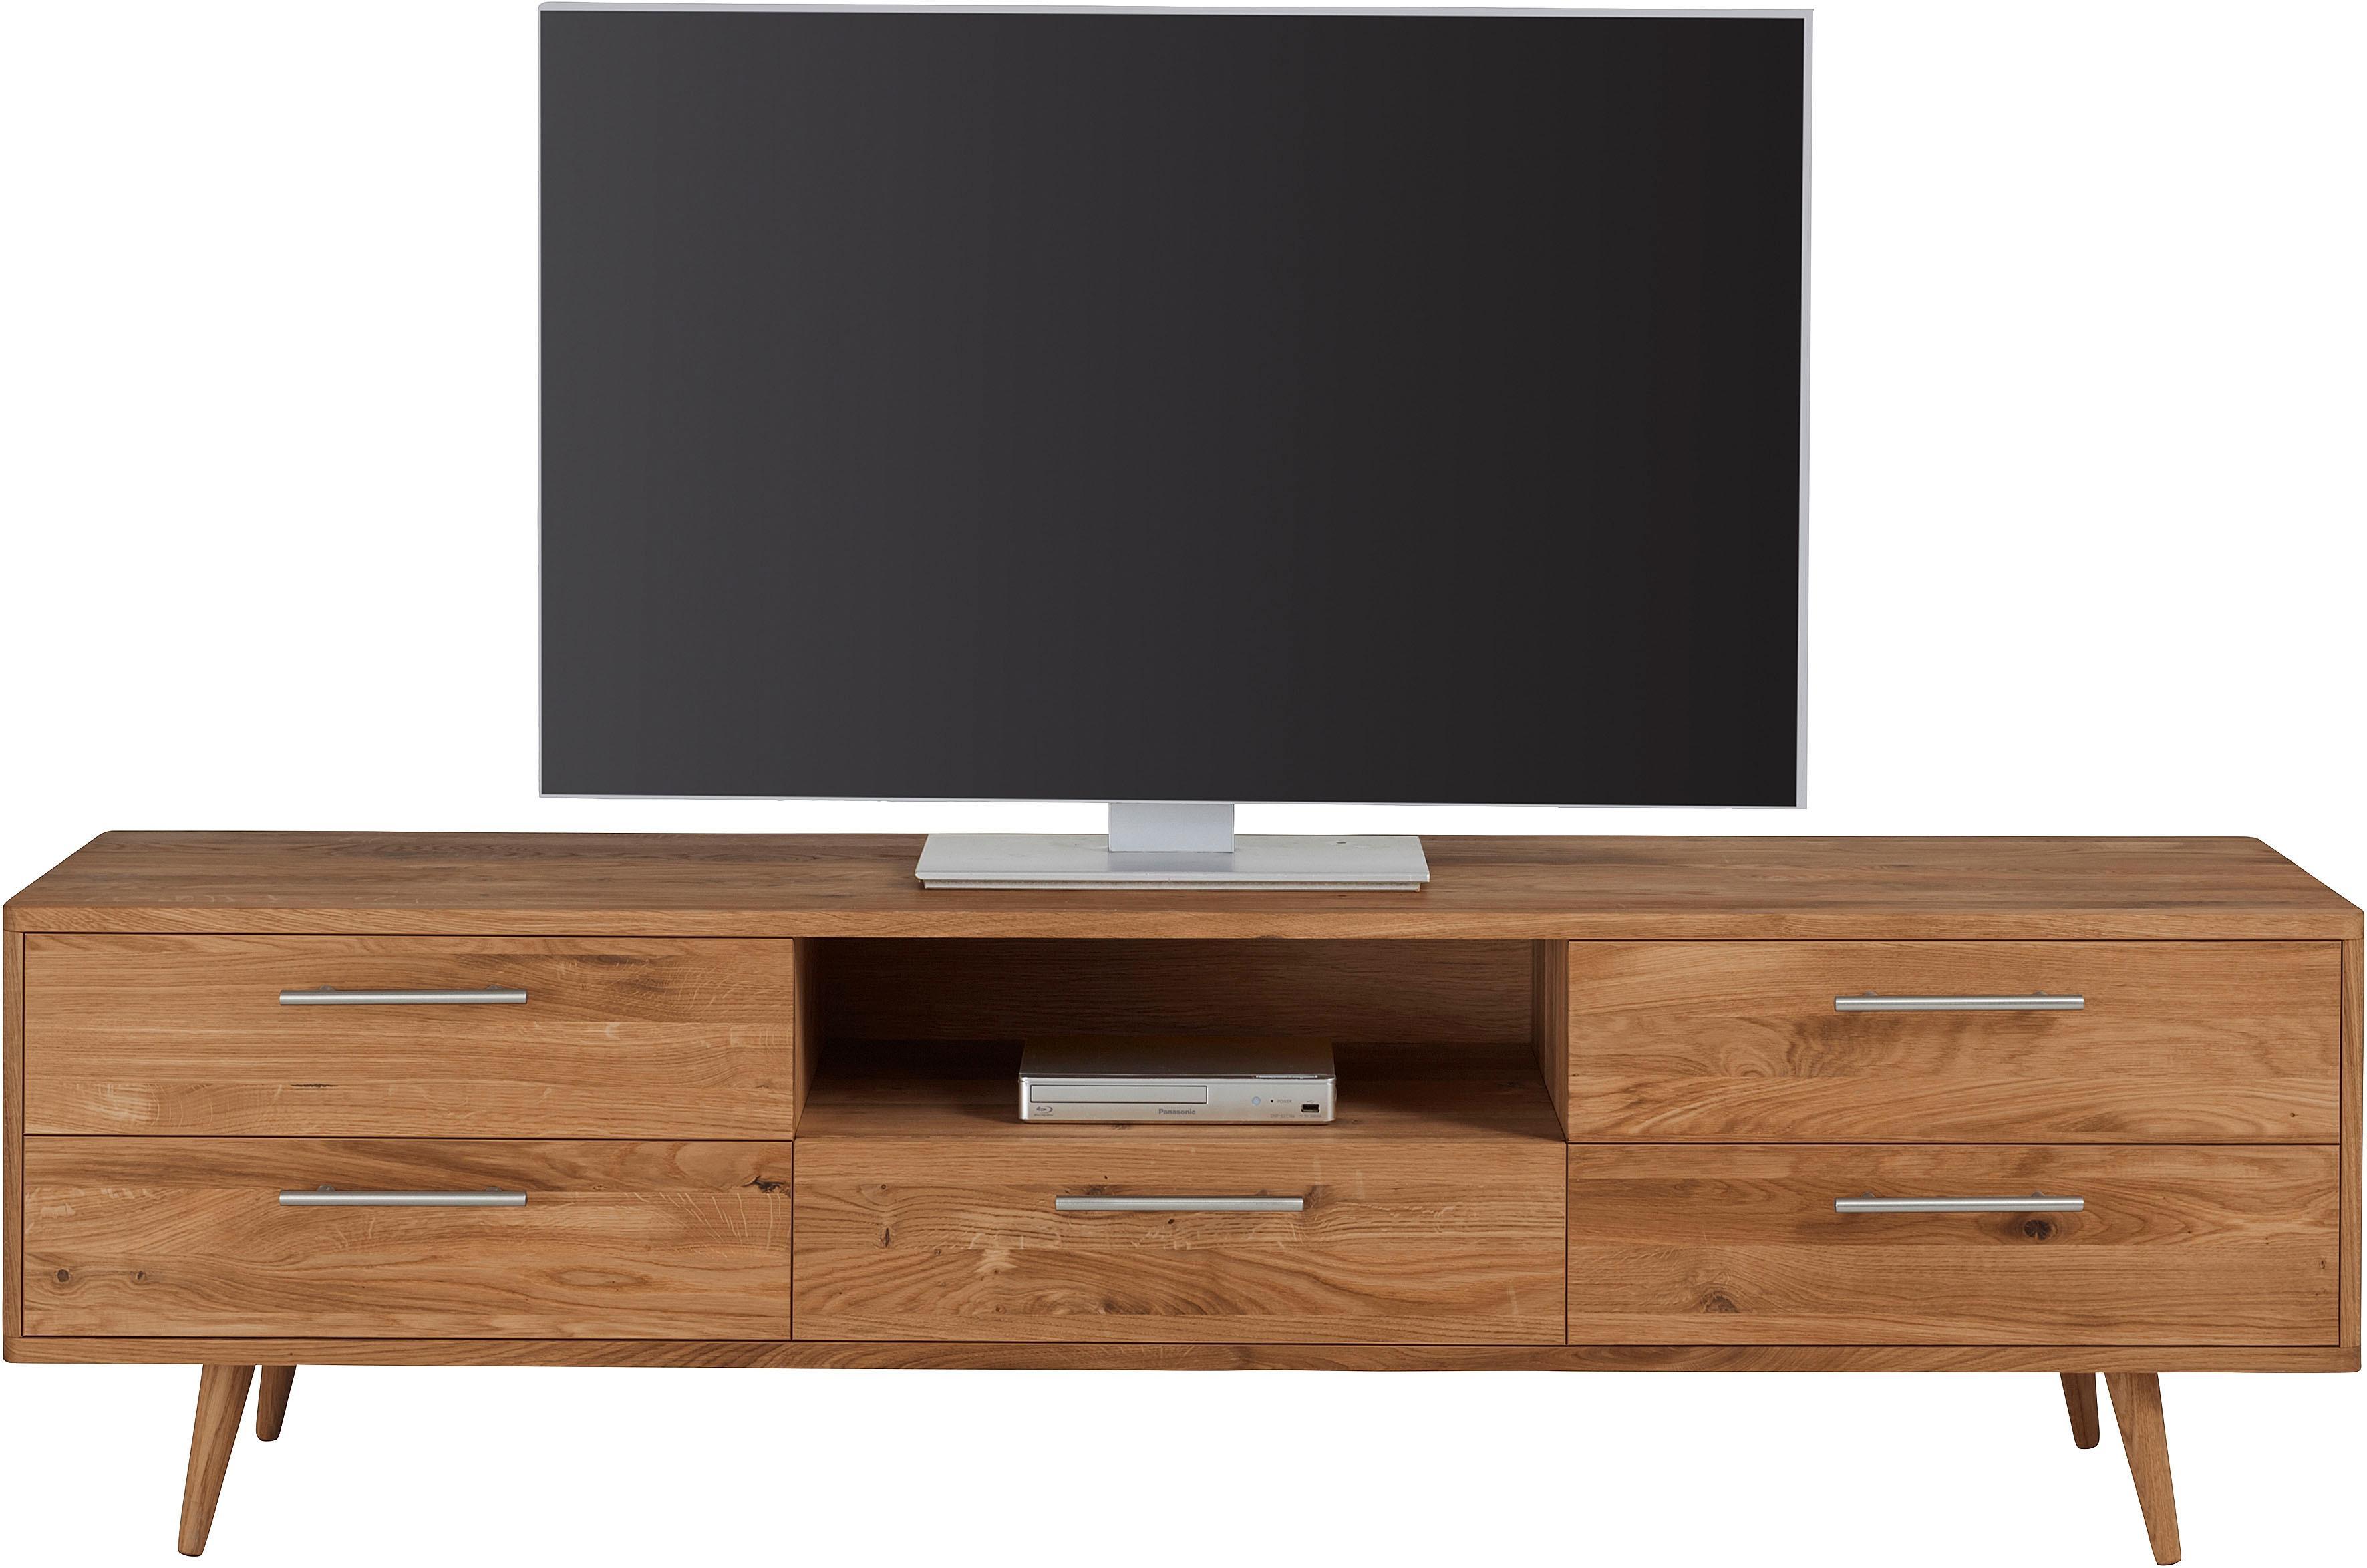 andas TV-Lowboard Pika Breite 180 cm aus massiver geölter Eiche | Wohnzimmer > TV-HiFi-Möbel > TV-Lowboards | Braun | Andas